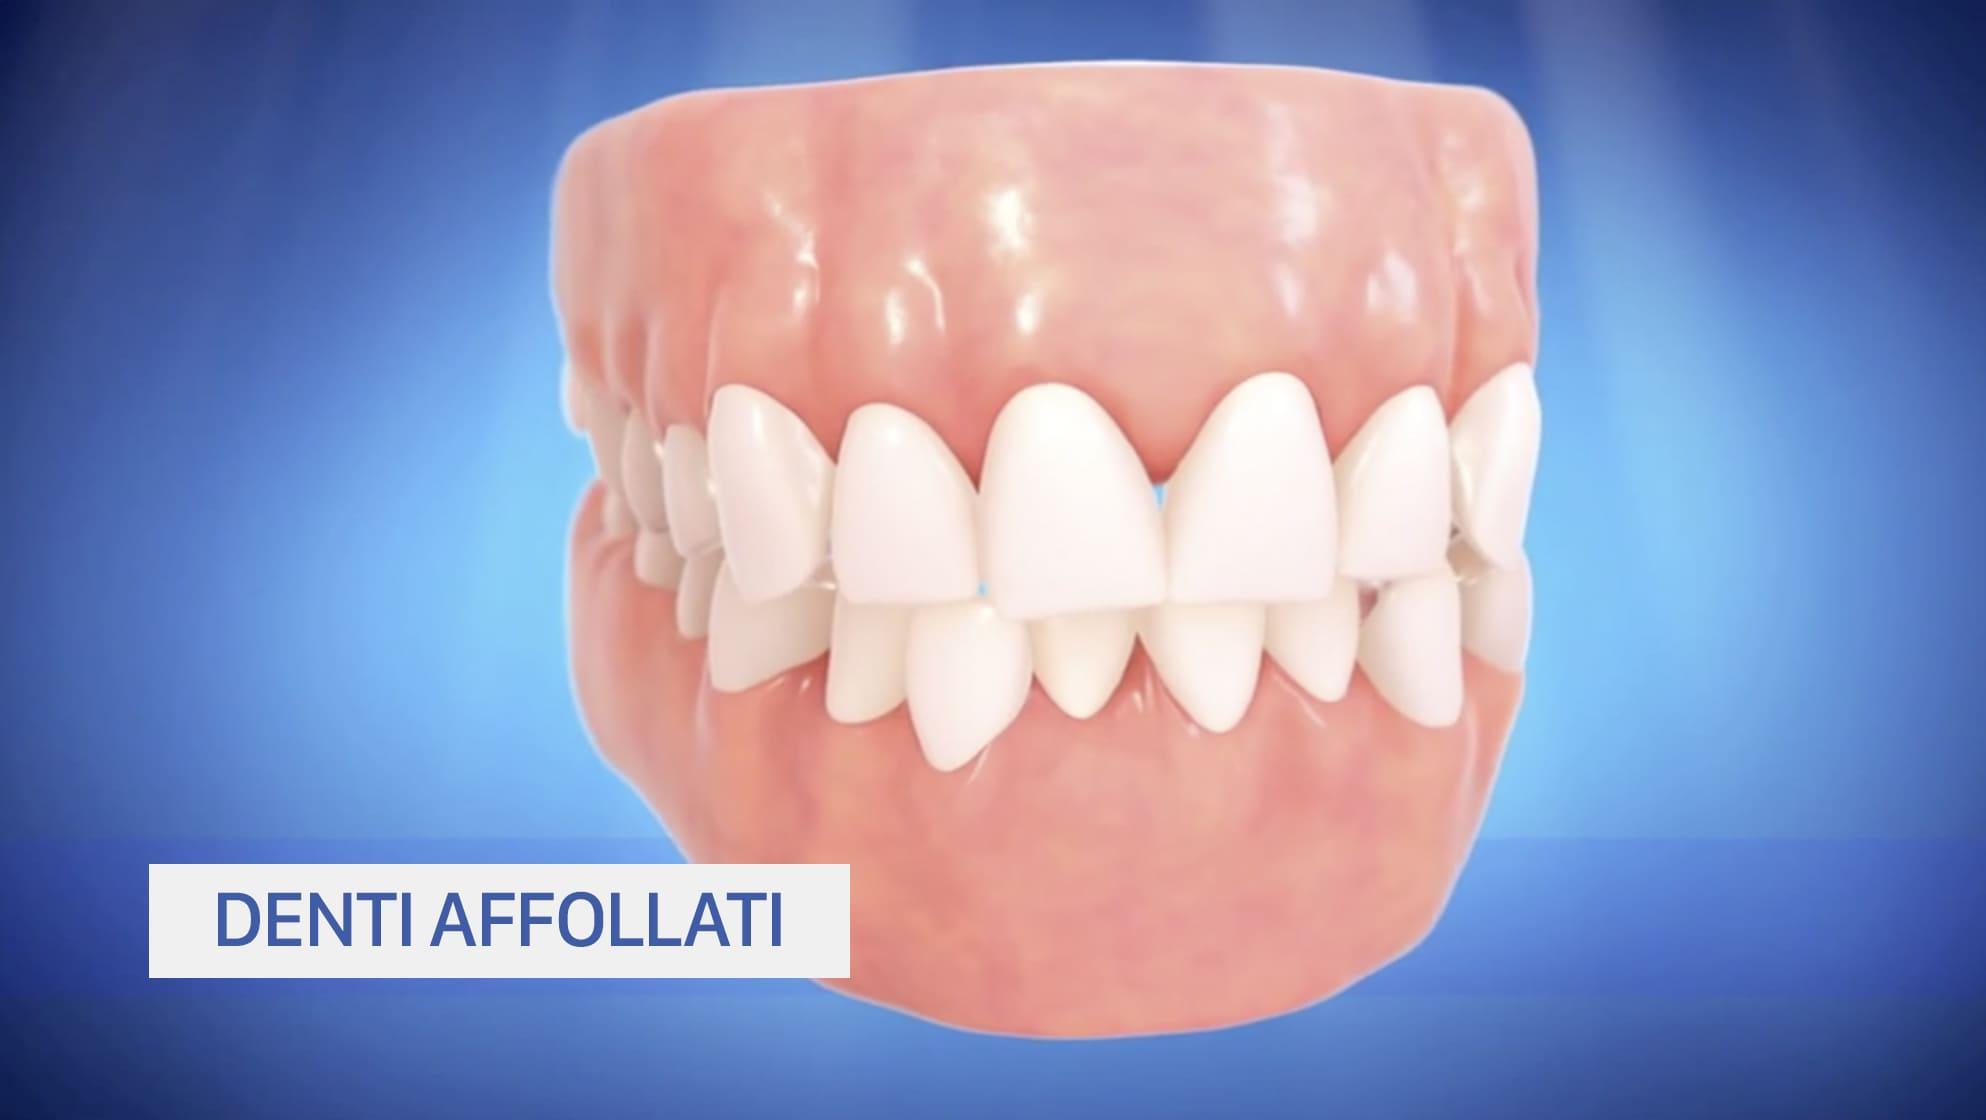 Denti affollati